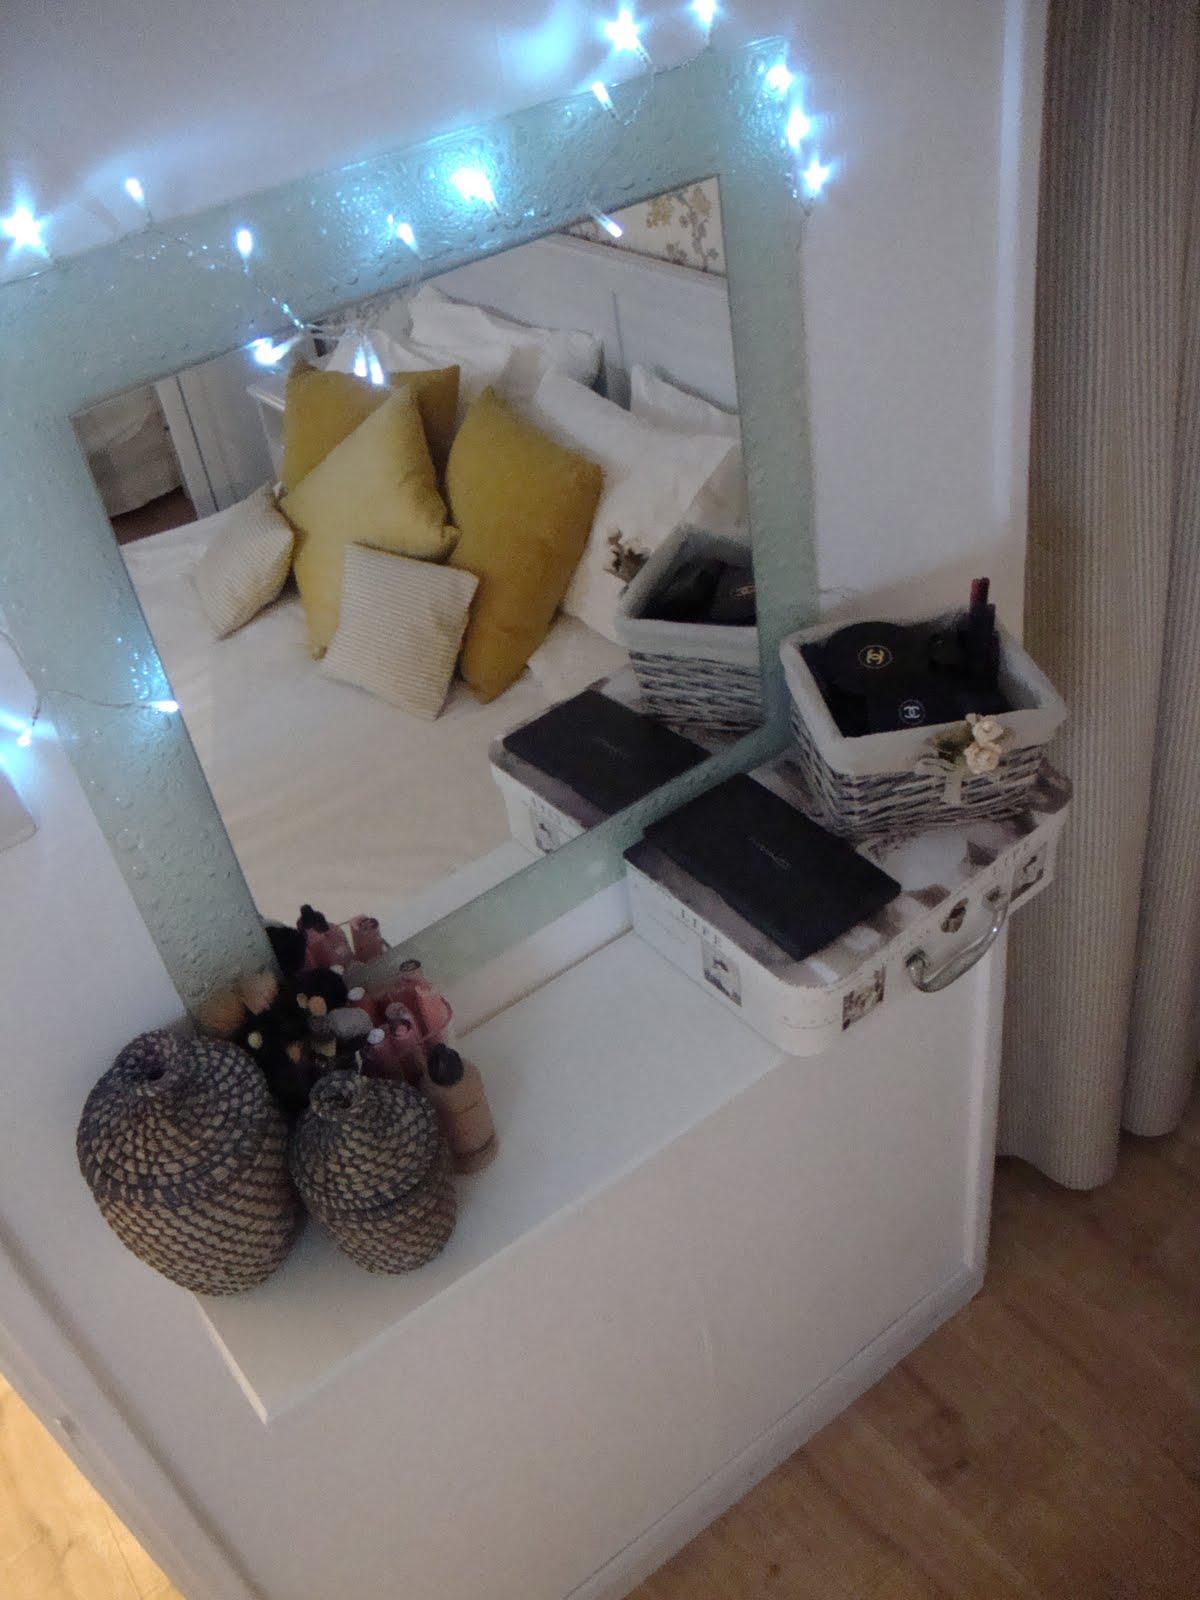 B u b b l e g a r m forget the dressing table diy instead solutioingenieria Images